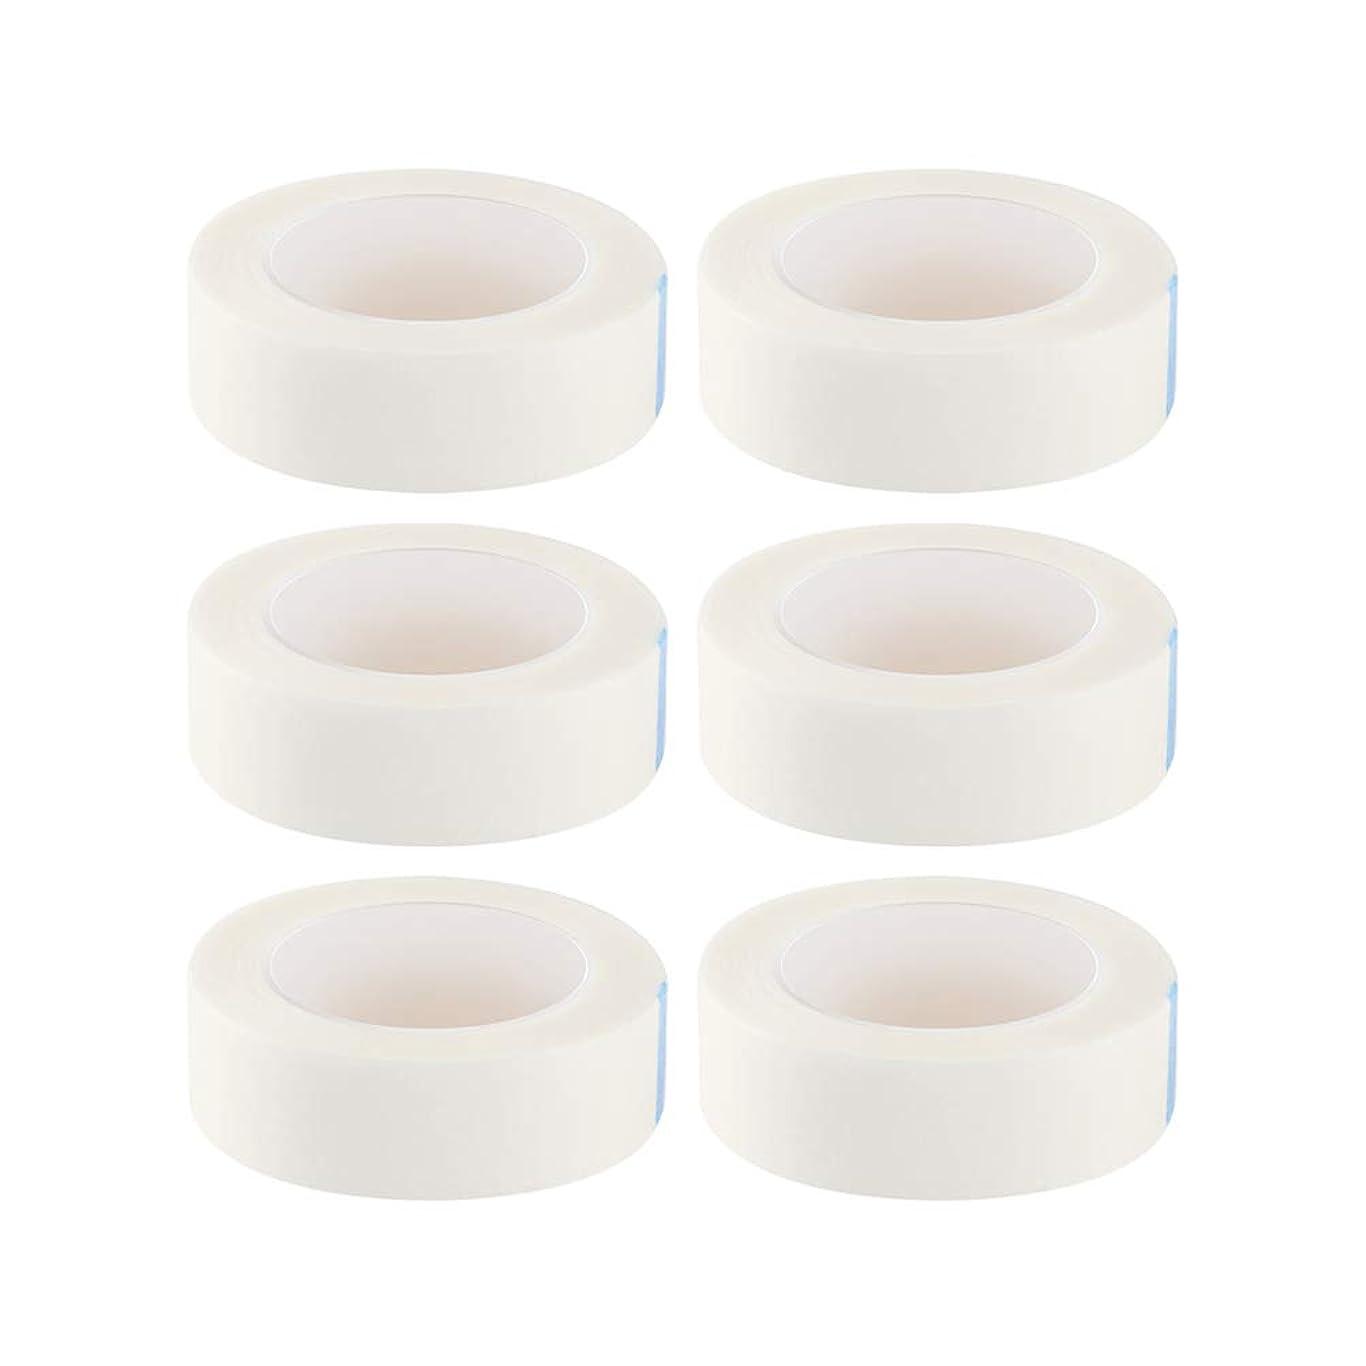 コンクリート敵意事業内容HEALIFTY まつげ絶縁テープまつげエクステサロン用ロール12個入り(白)